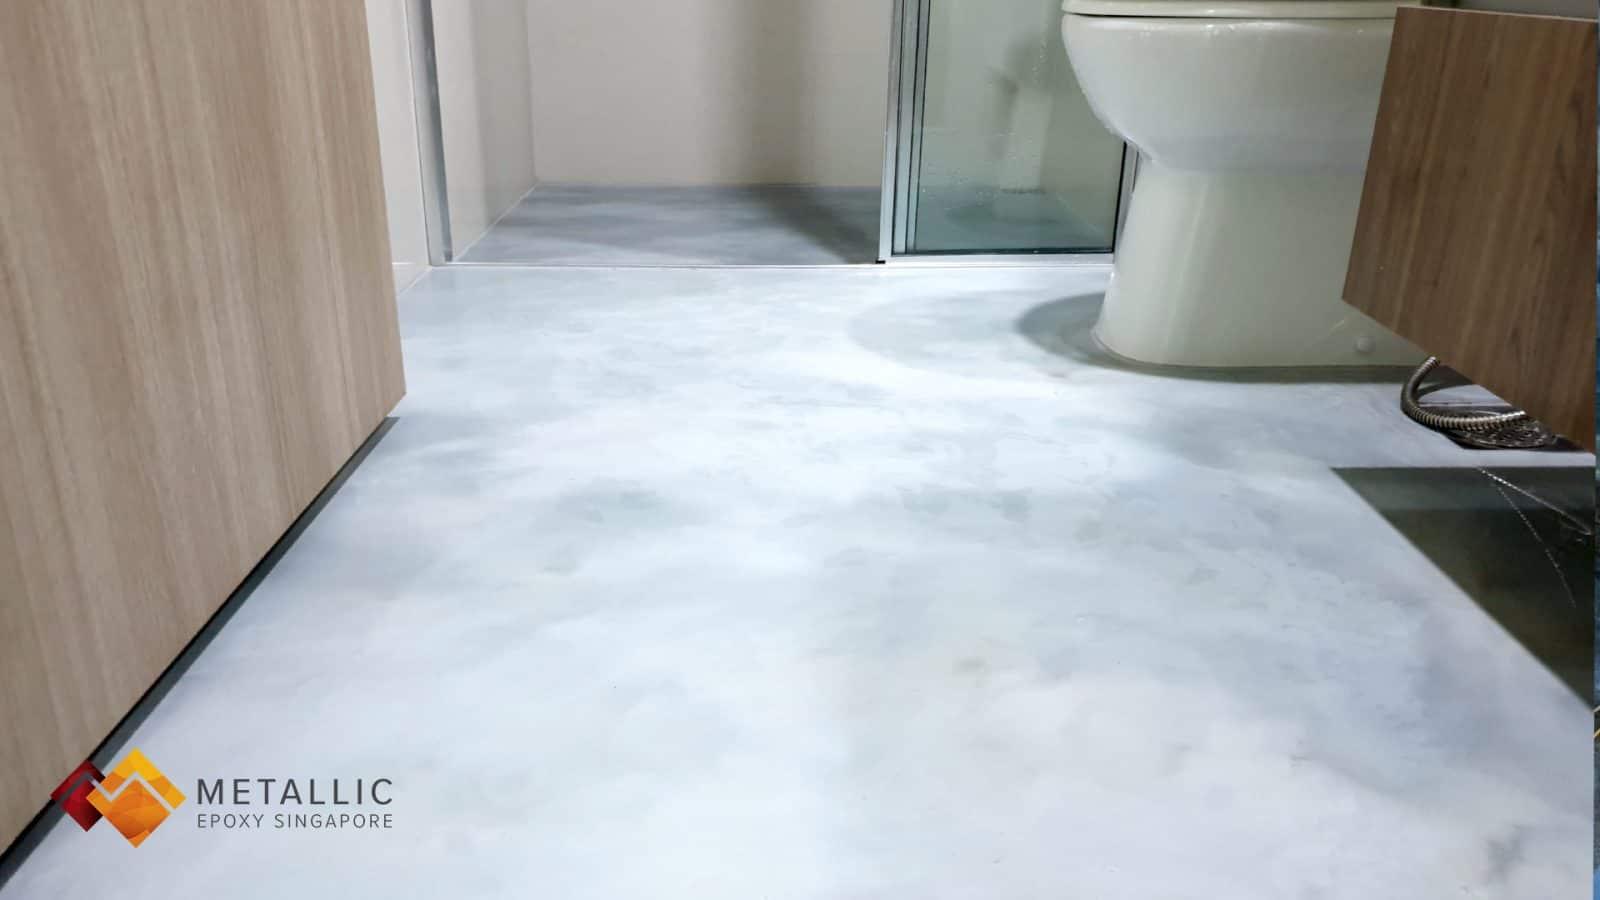 metallic epoxy singapore concrete bathroom floor